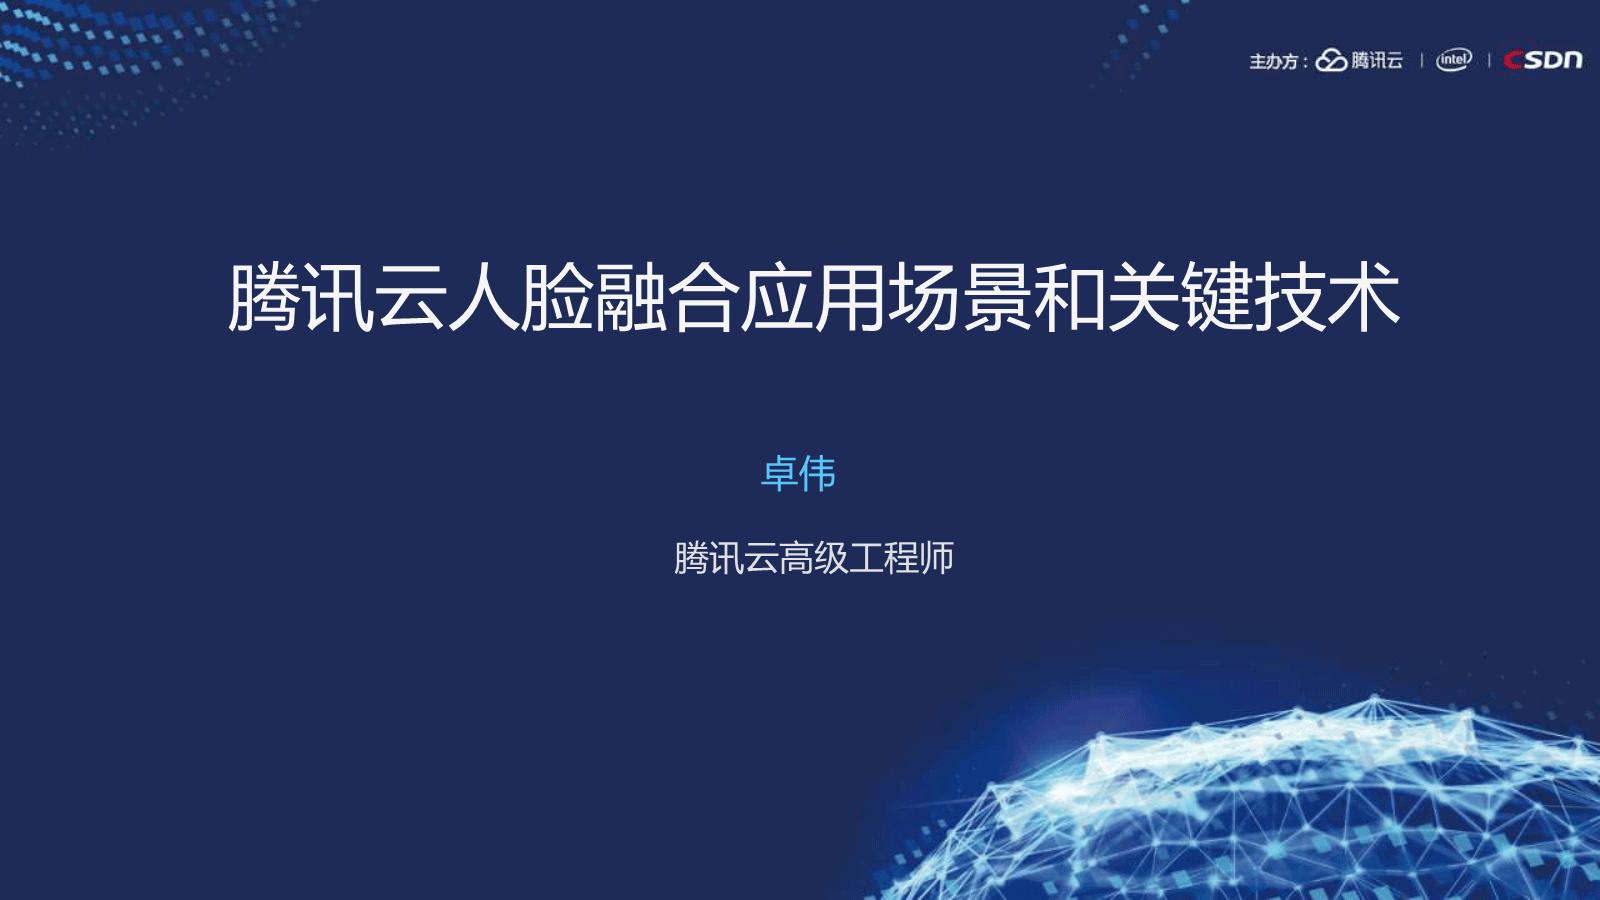 卓伟-腾讯云人脸融合应用场景和关键技术